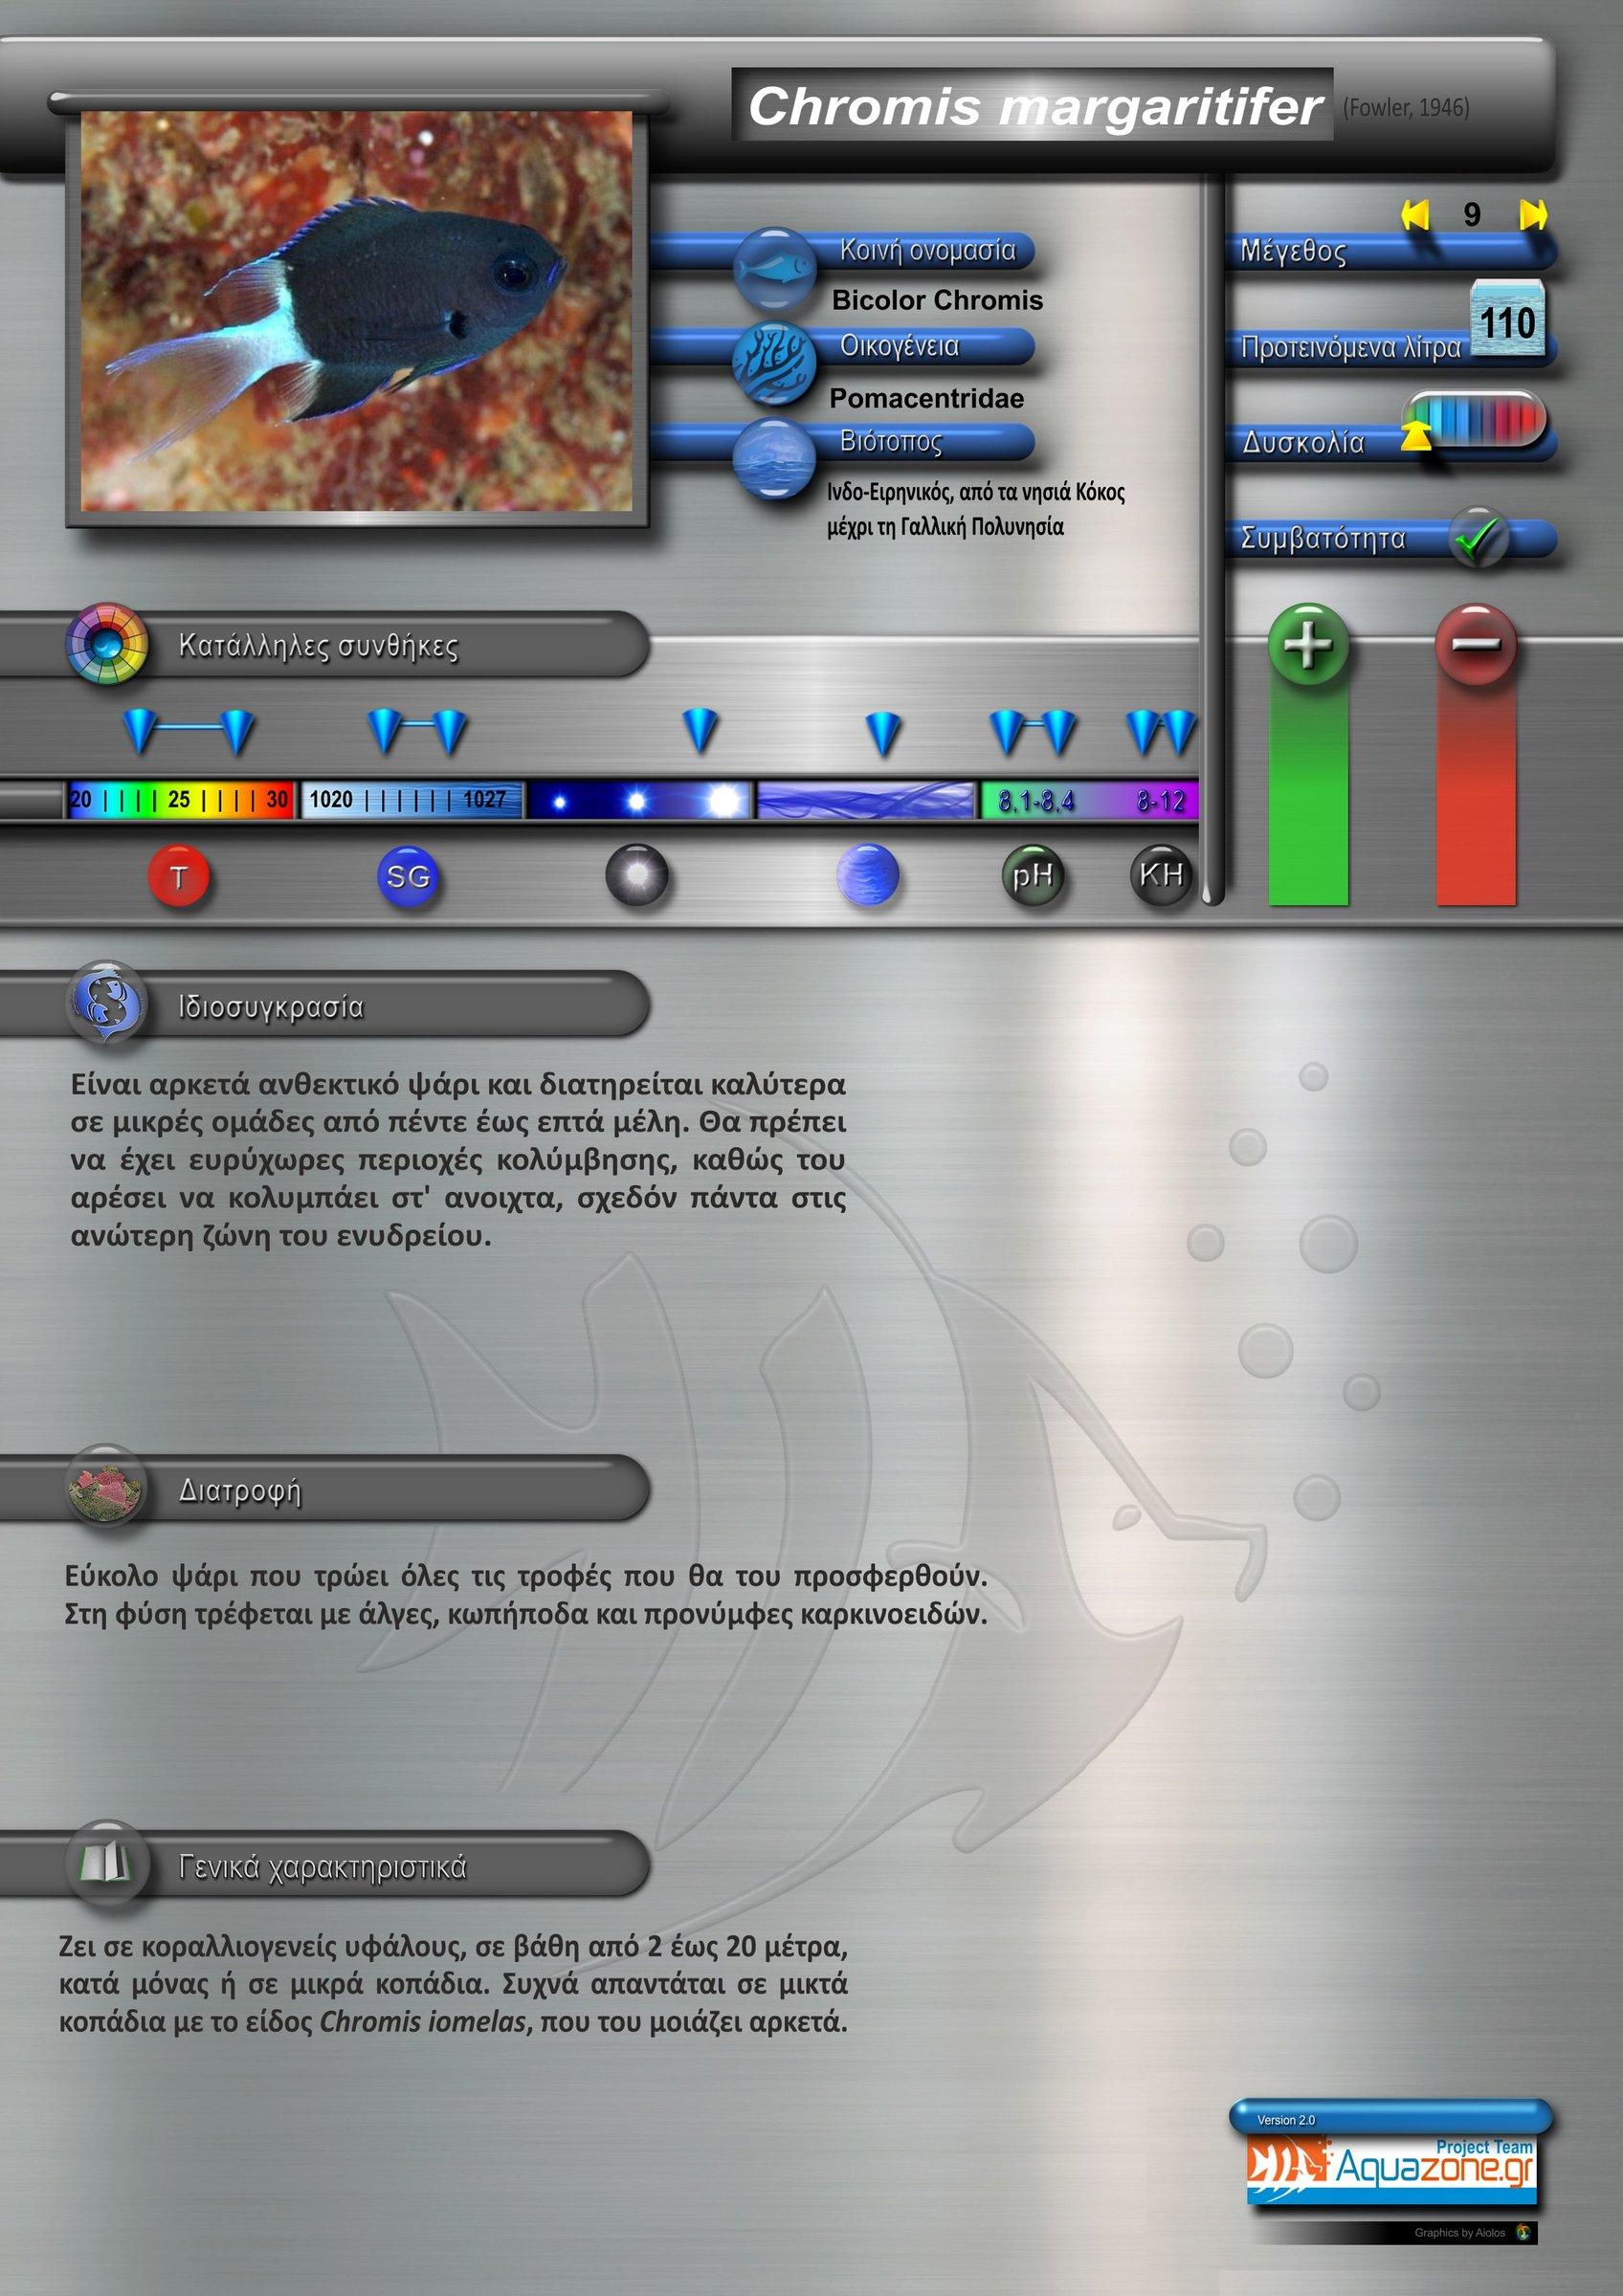 Chromis margaritifer.jpg